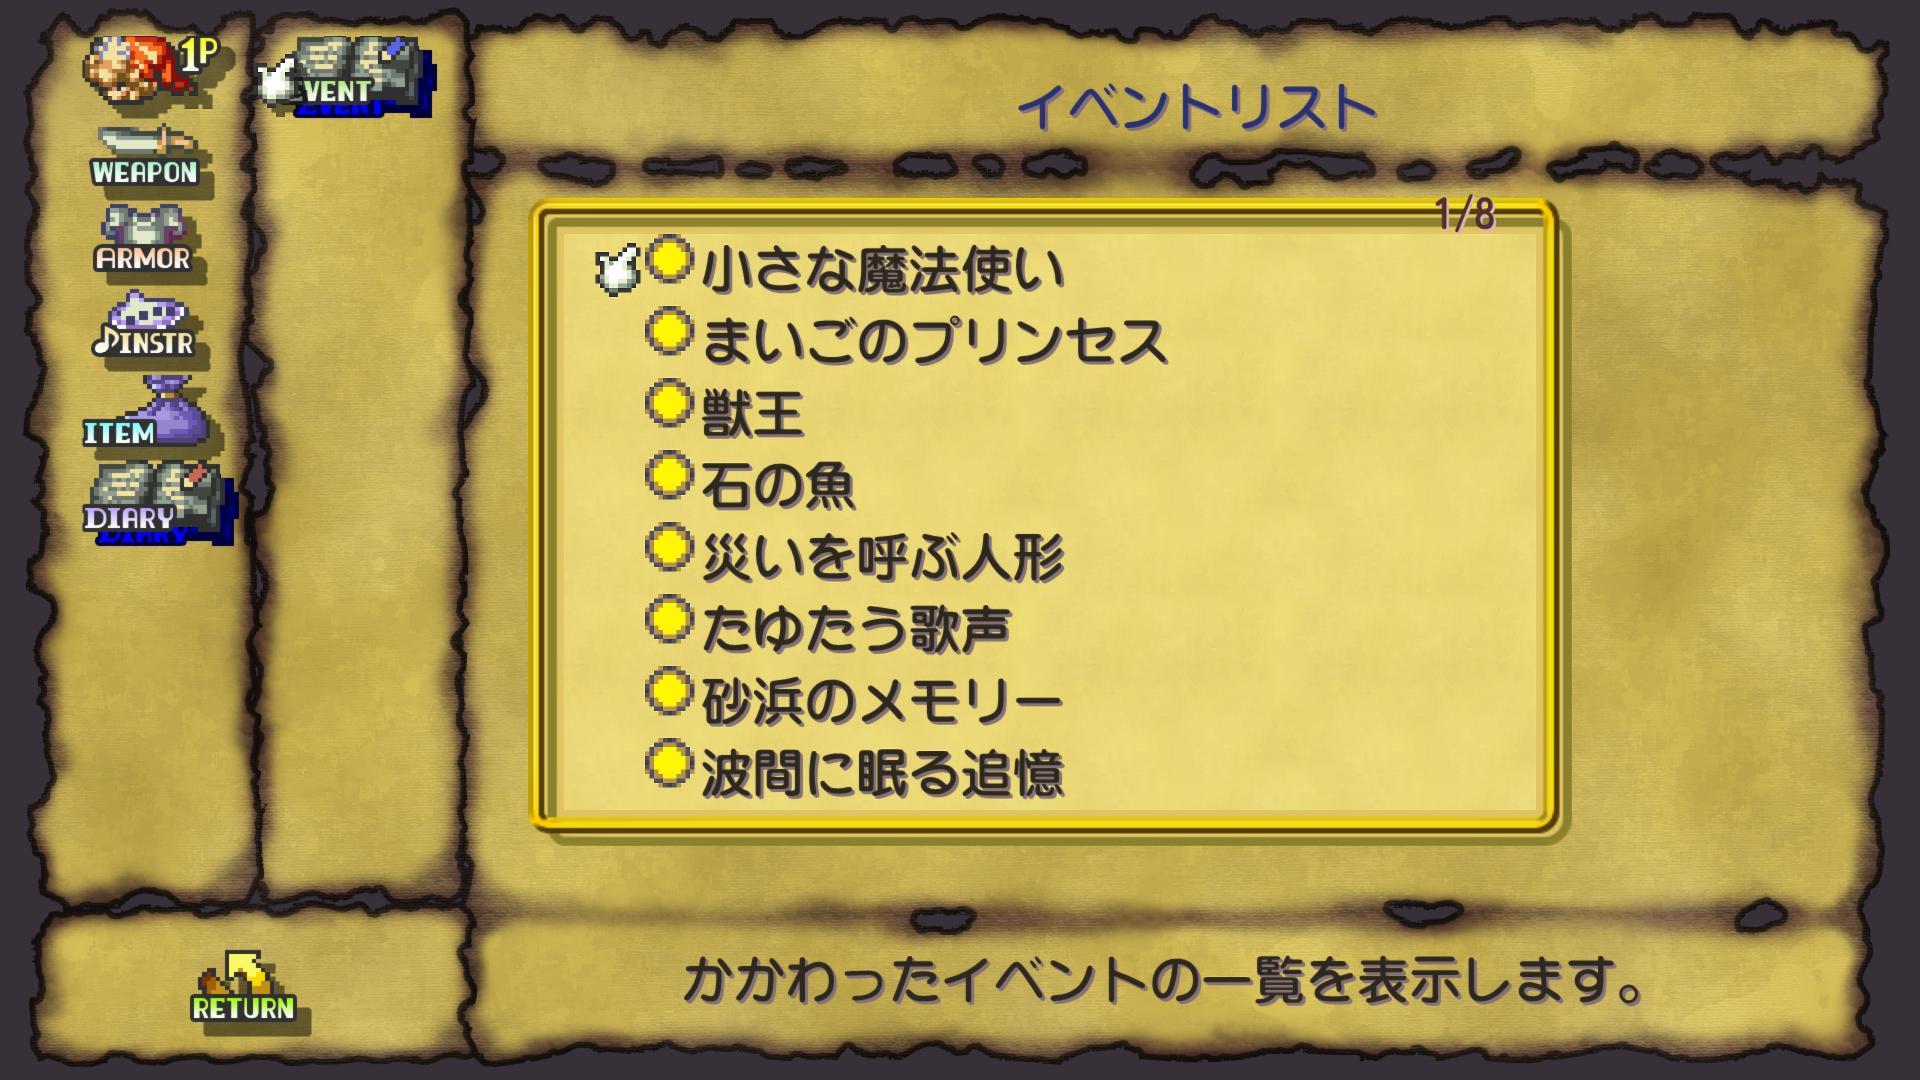 Legend-of-Mana-Remaster-10.jpg?ssl=1